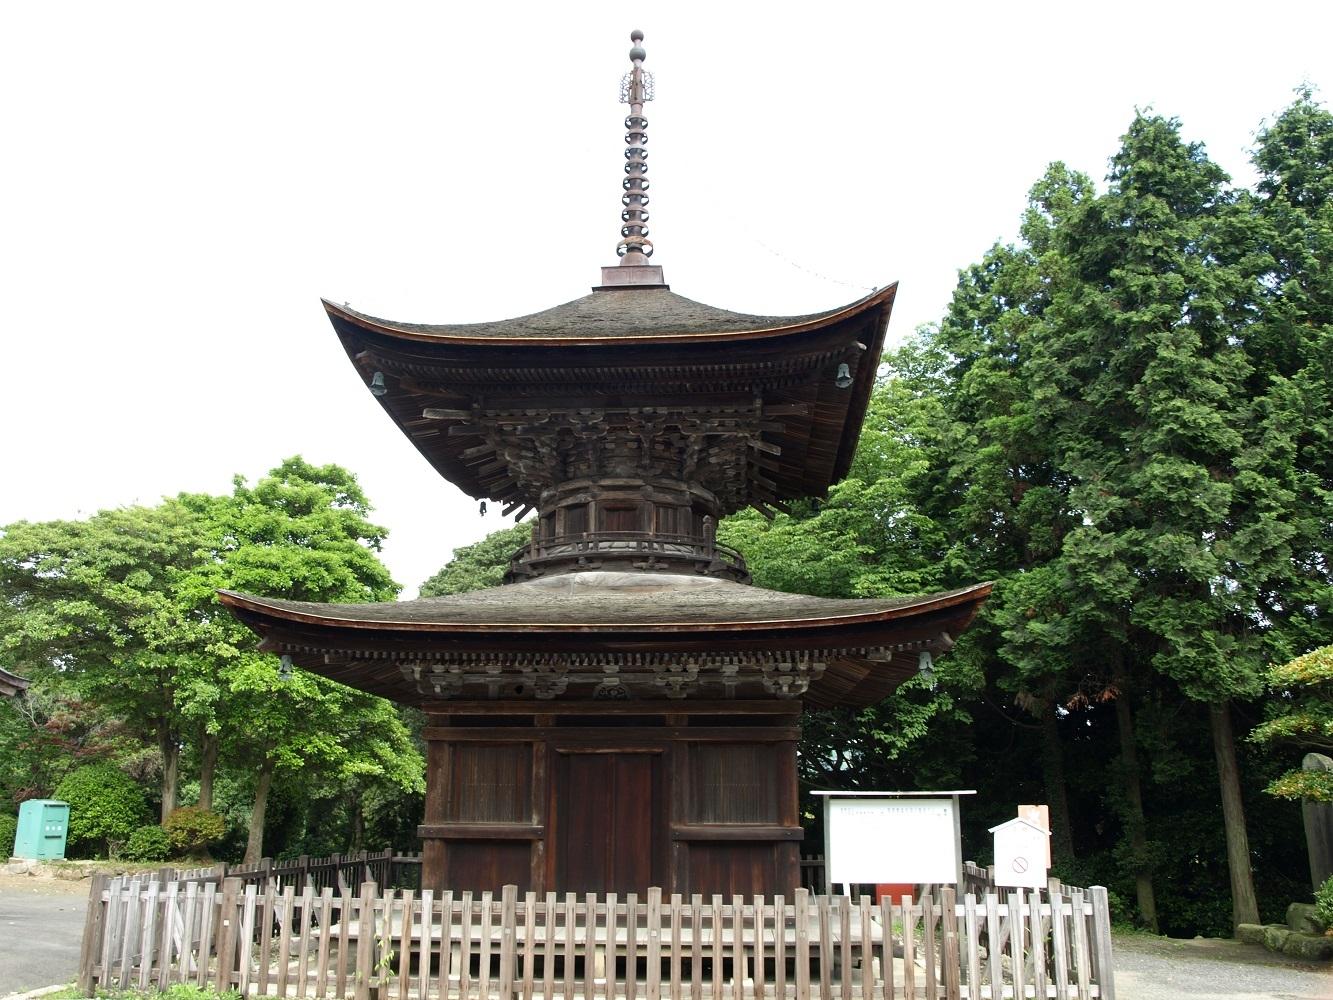 3. Hanaoka Hachimangu